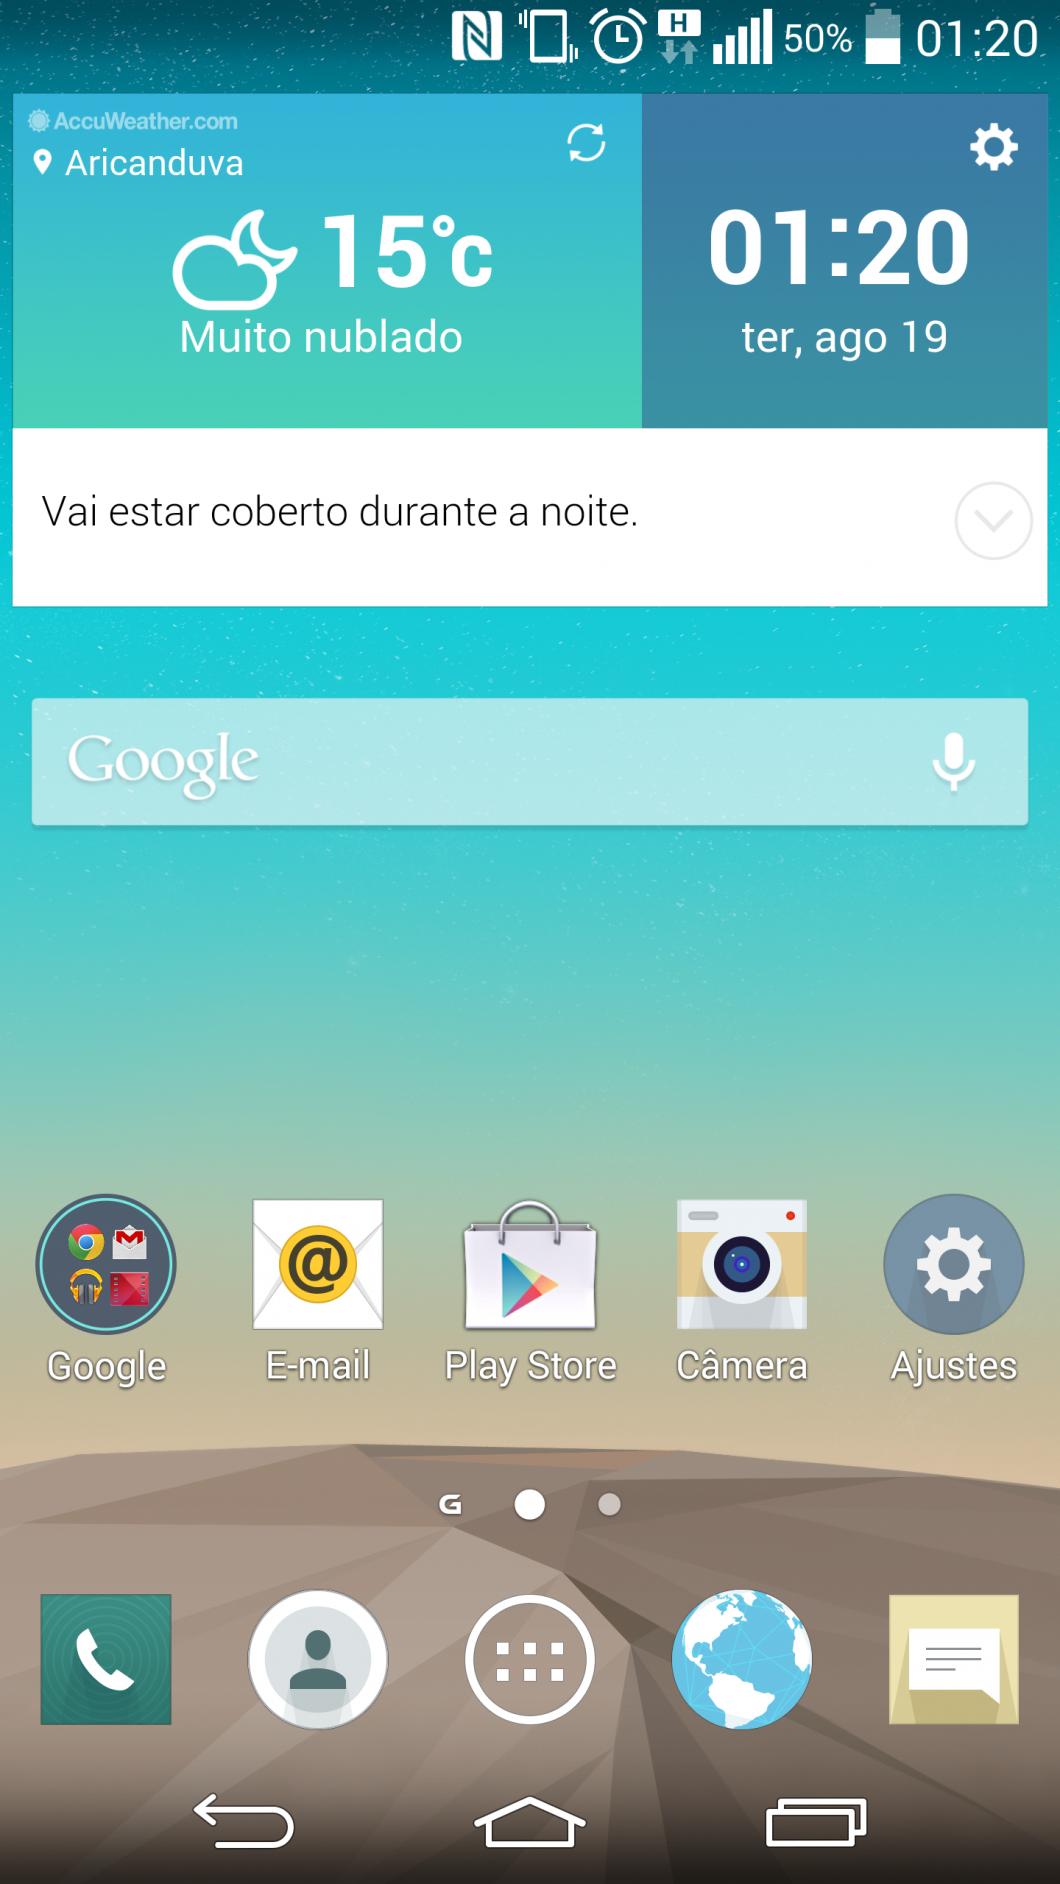 Não há espaço suficiente no layout para mostrar a screenshot em tamanho real